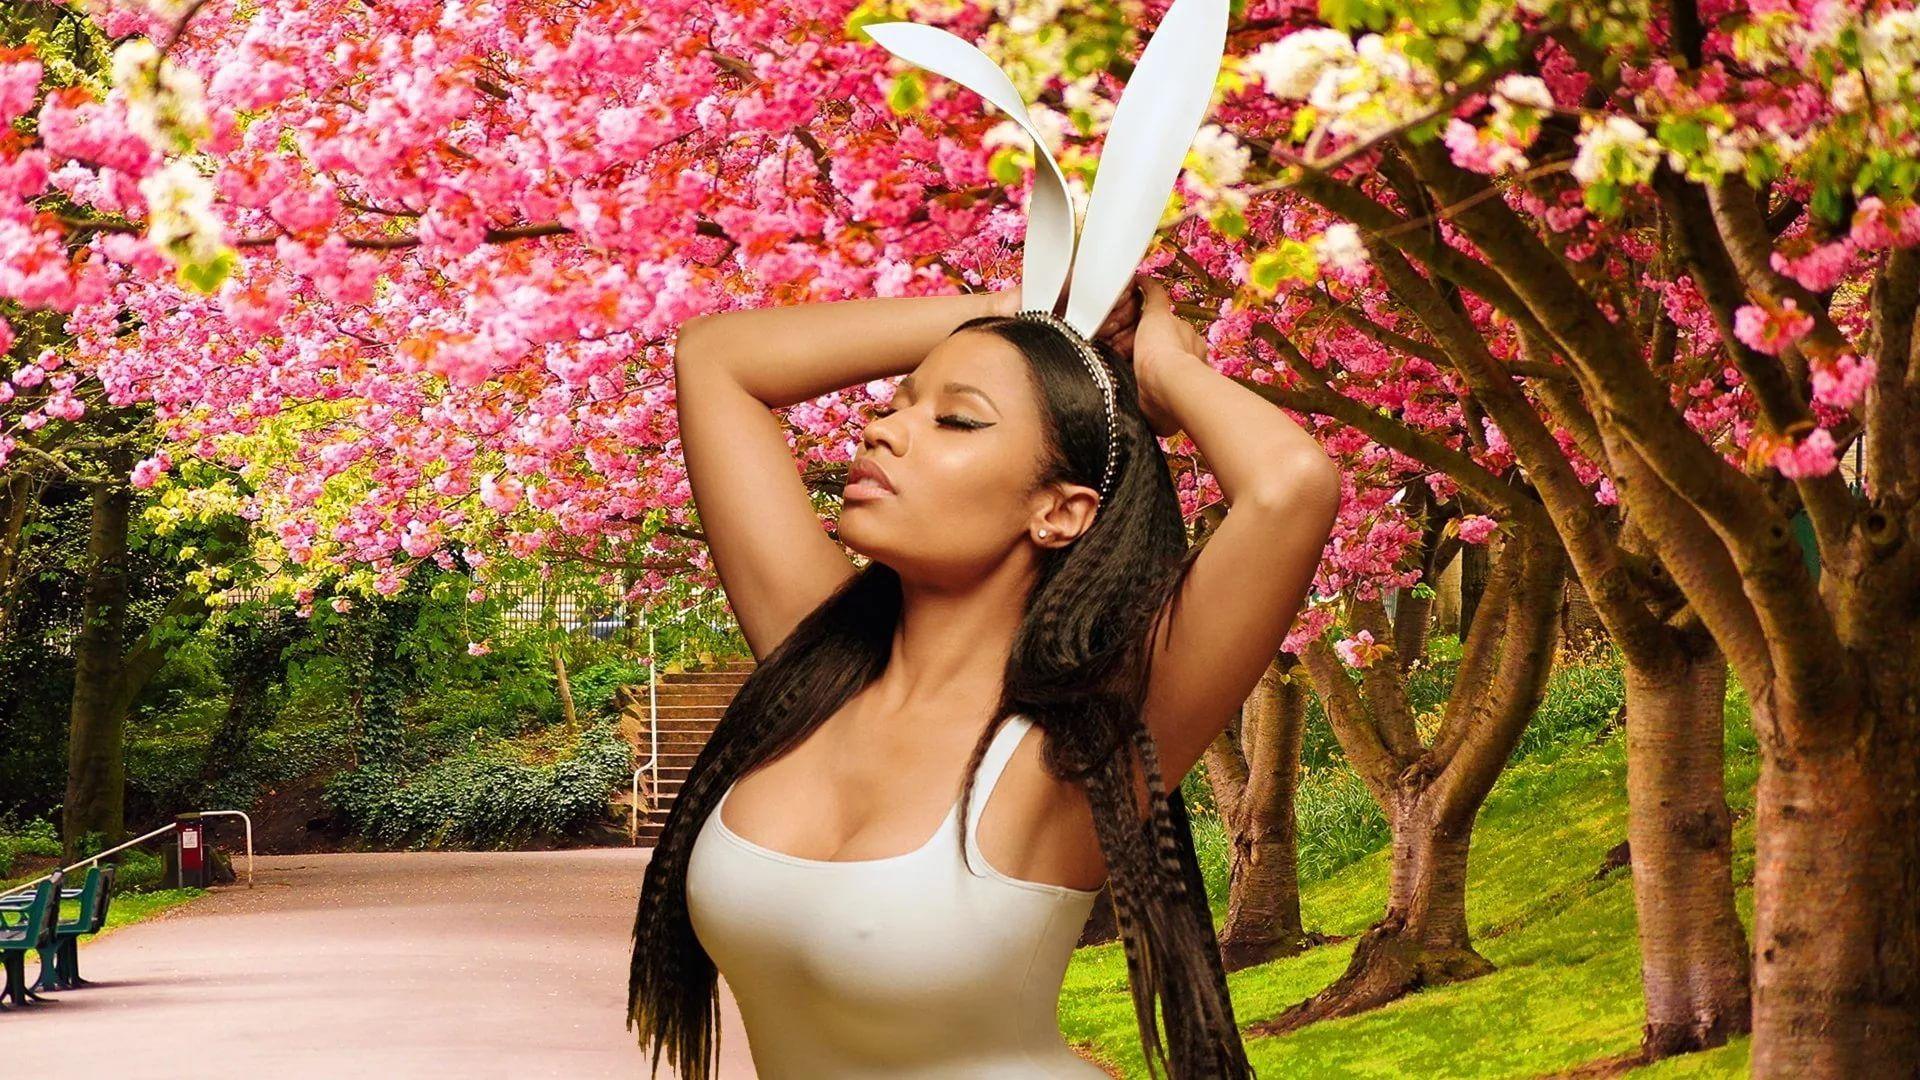 Nicki Minaj Wallpapers 33 Images Wallpaperboat